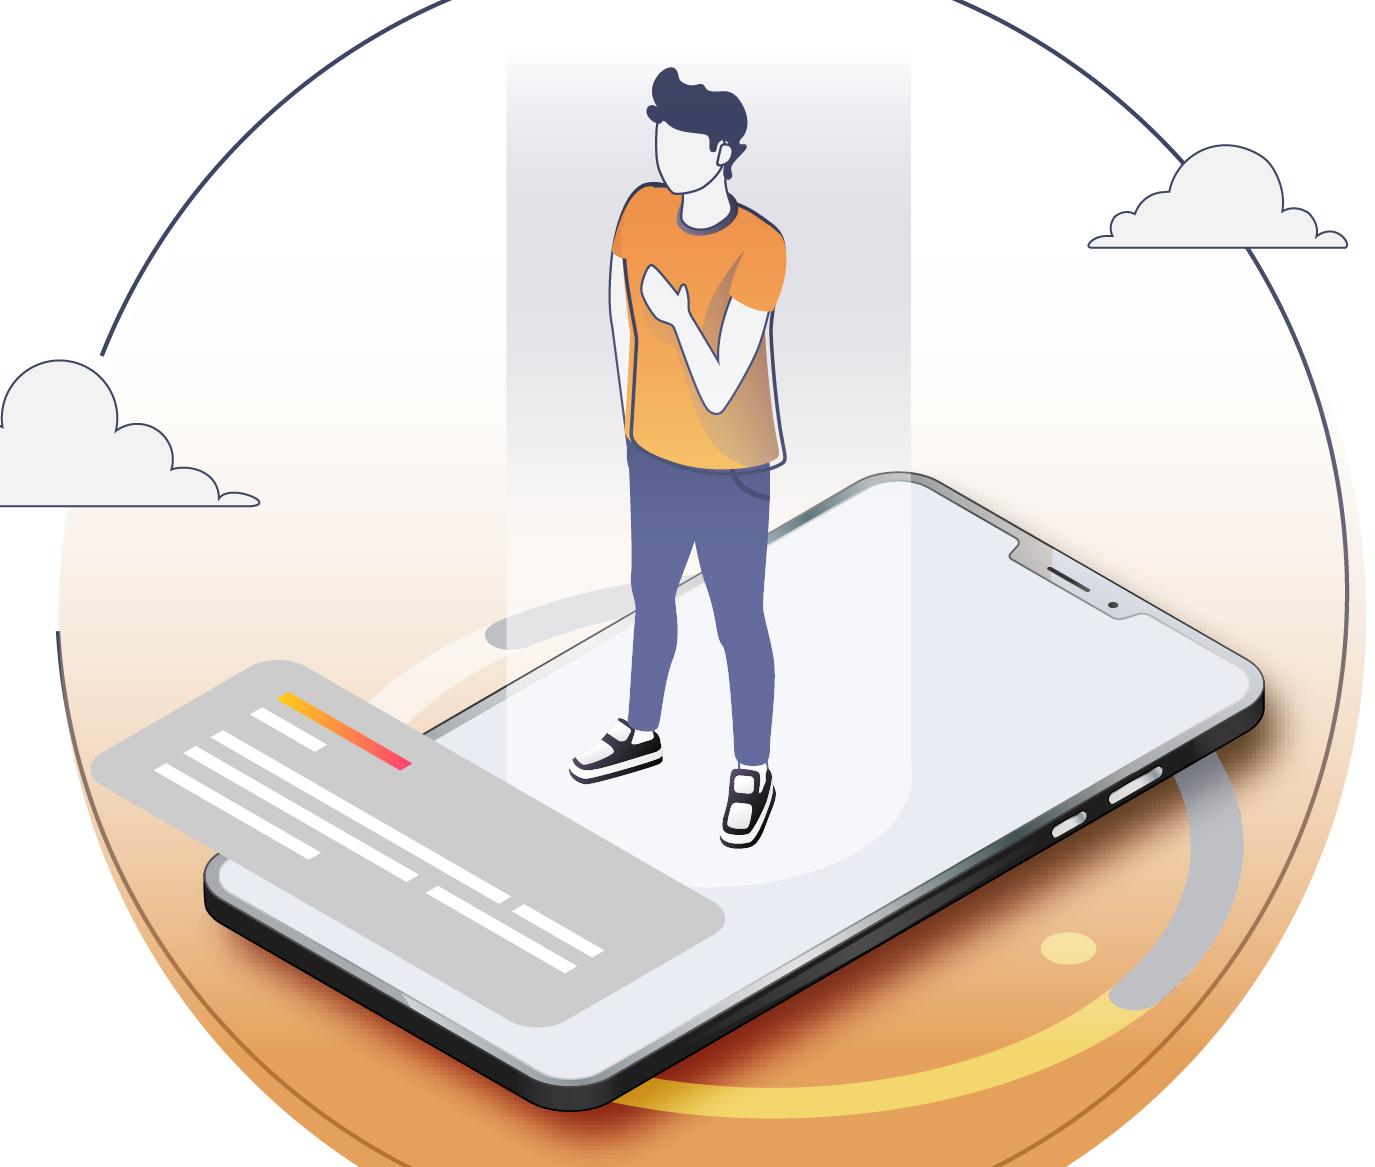 Users Online Behaviour